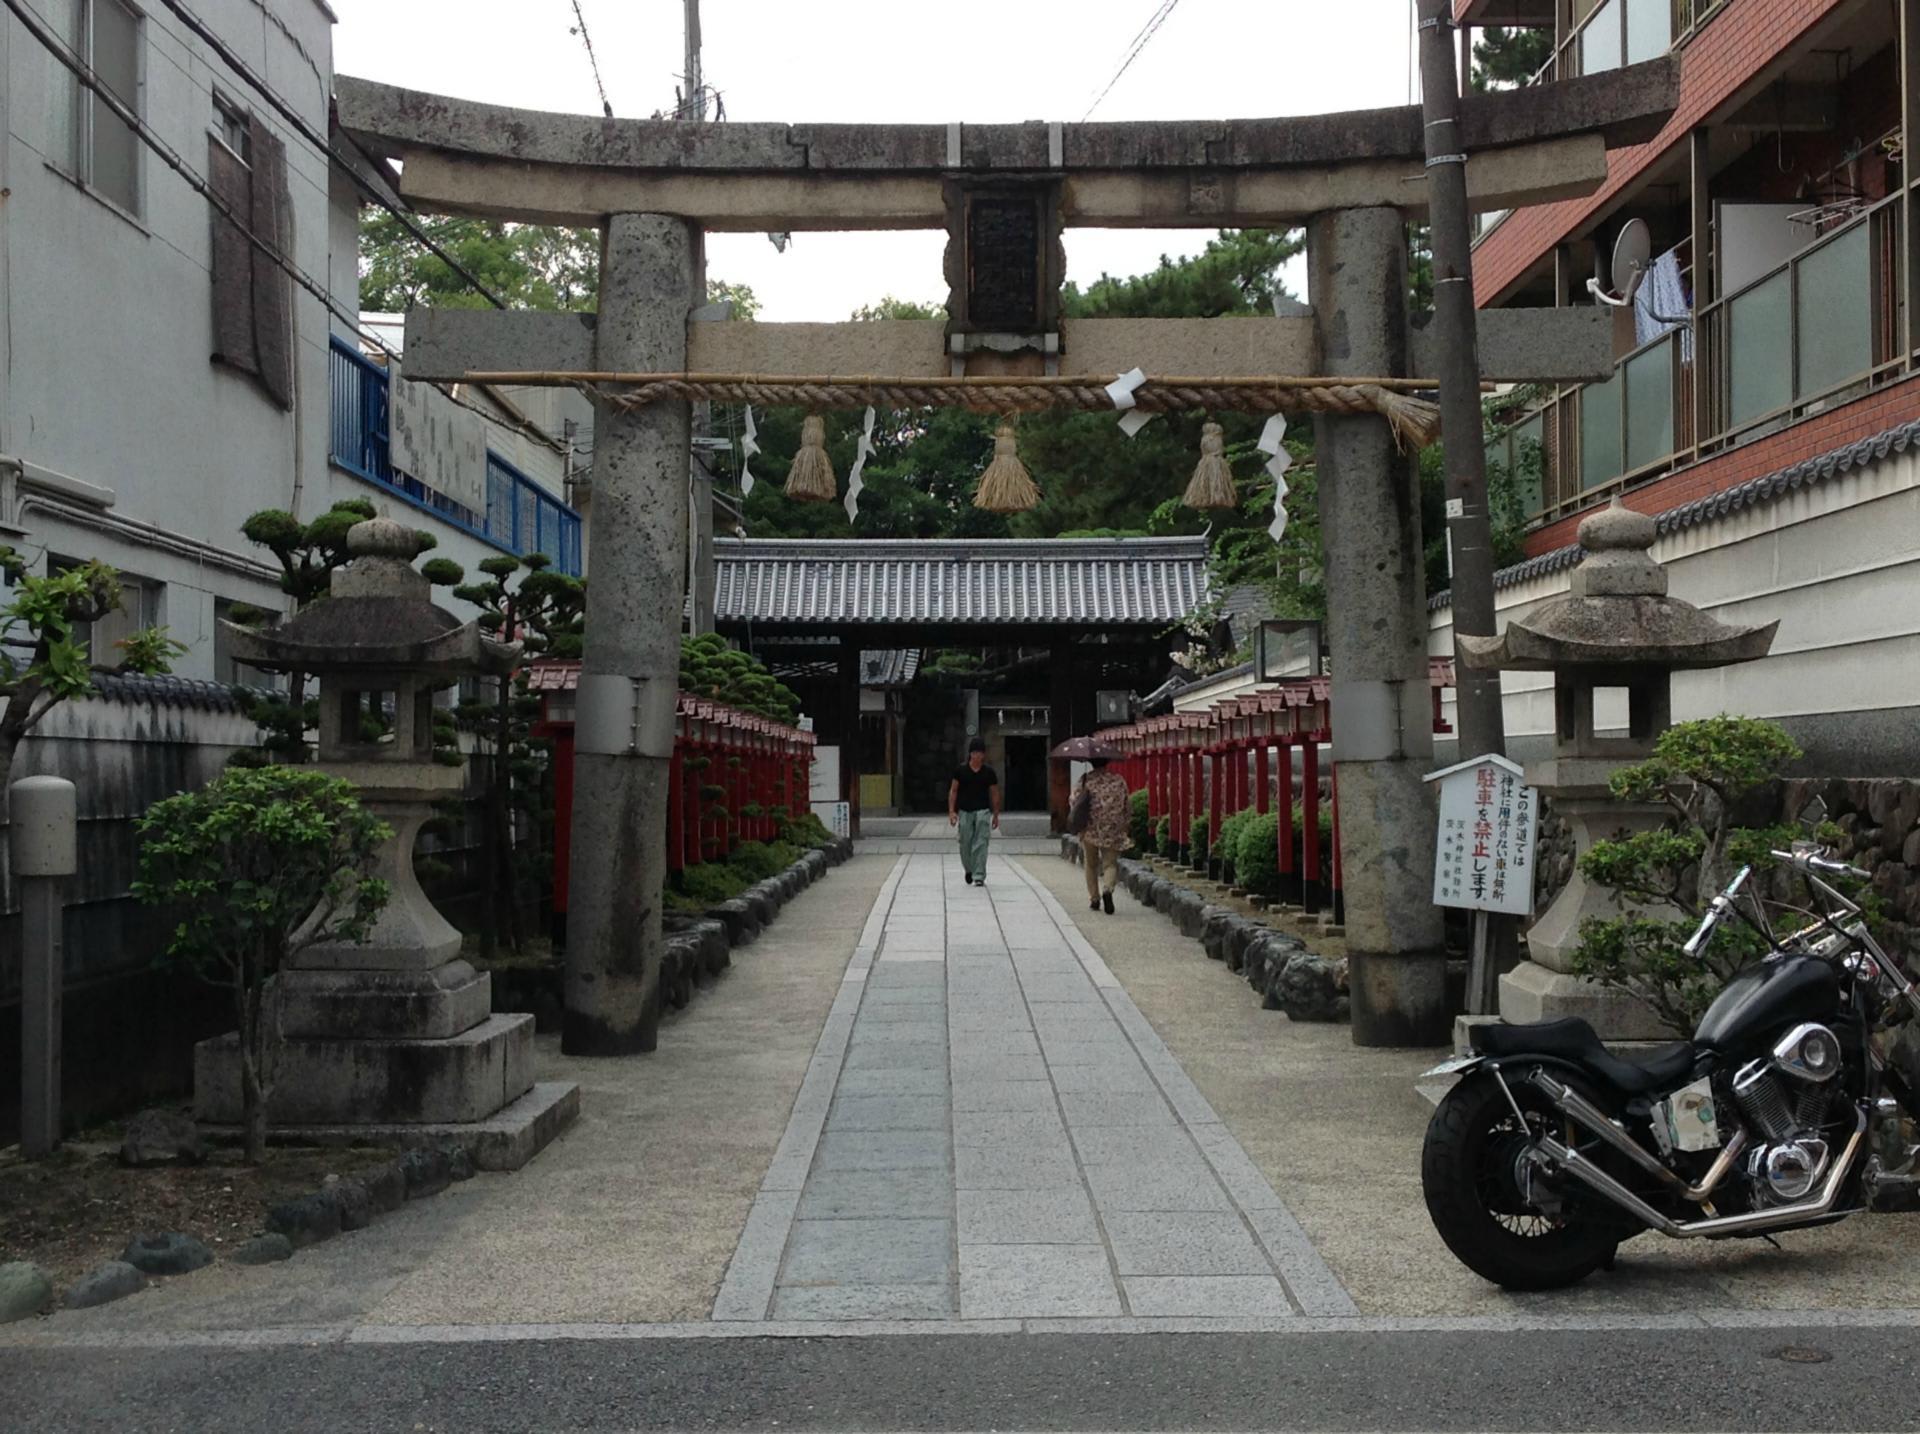 奈良 慈光院と小泉城、慈光院ゆかりの大阪 茨木城をめぐる旅 ...